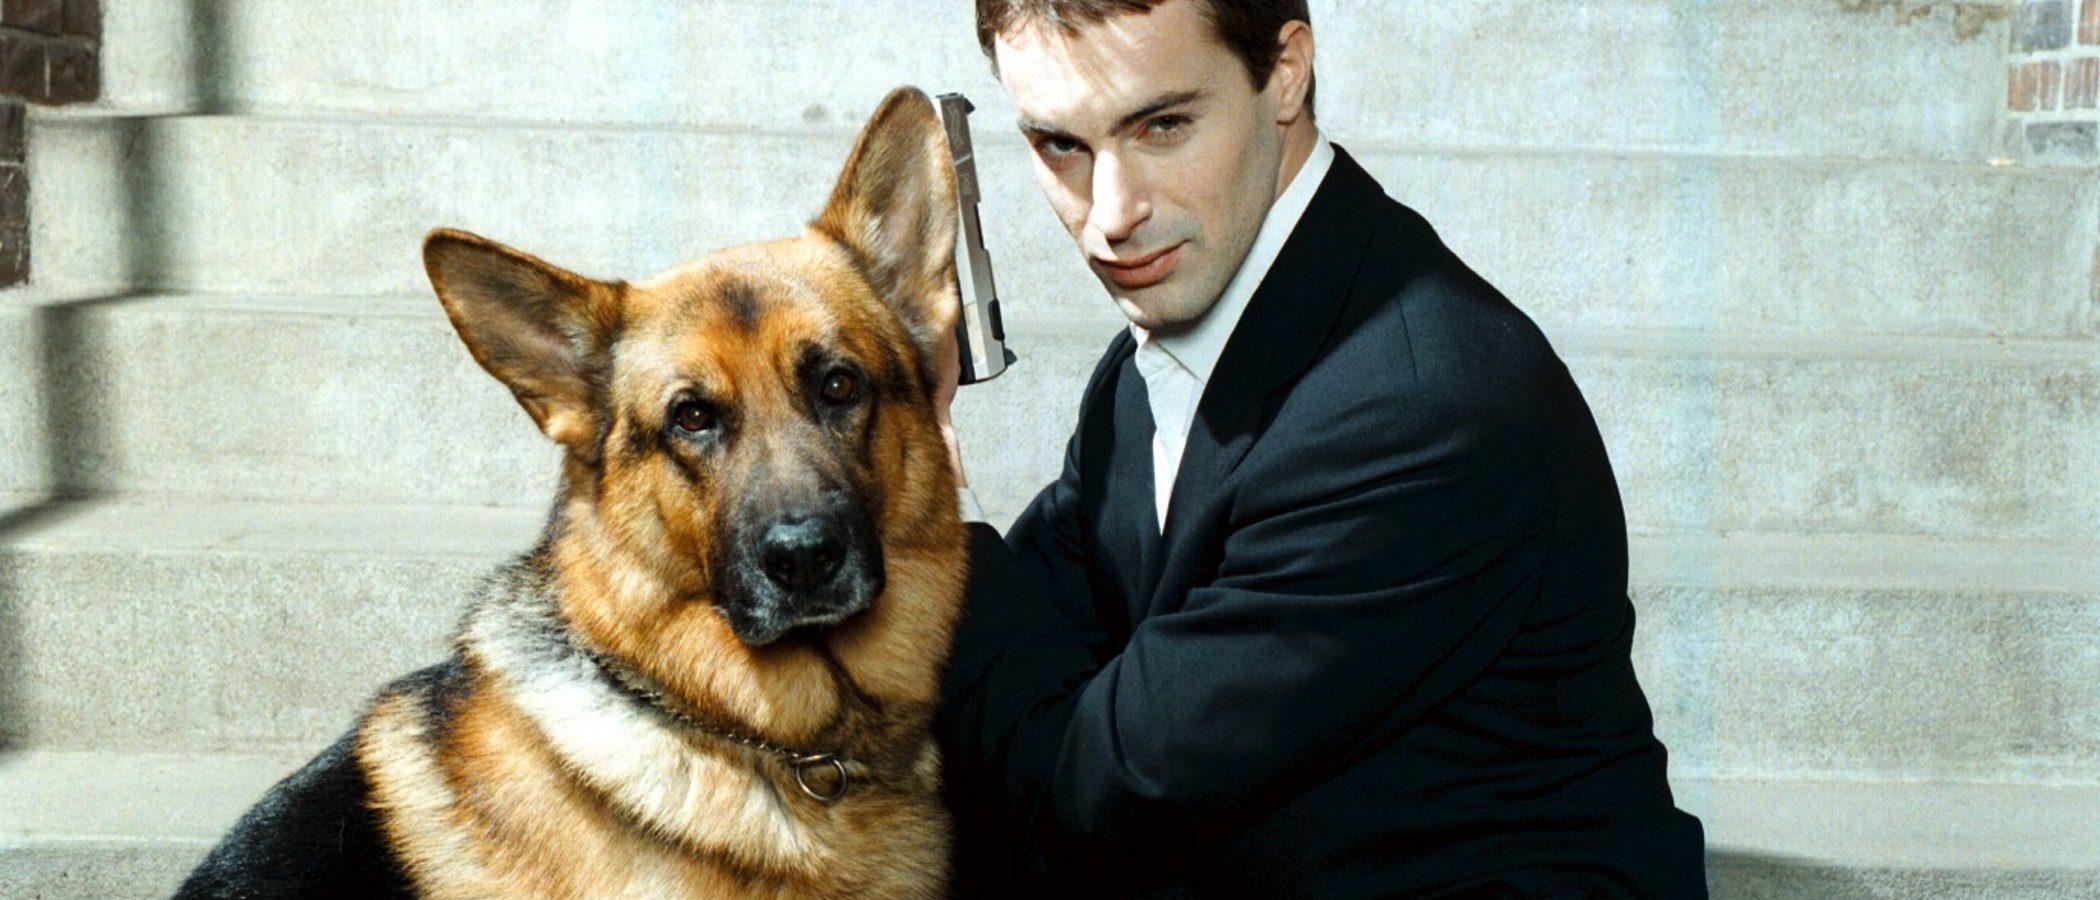 Razas de perros Policía, ¿cuáles son las más adecuadas?